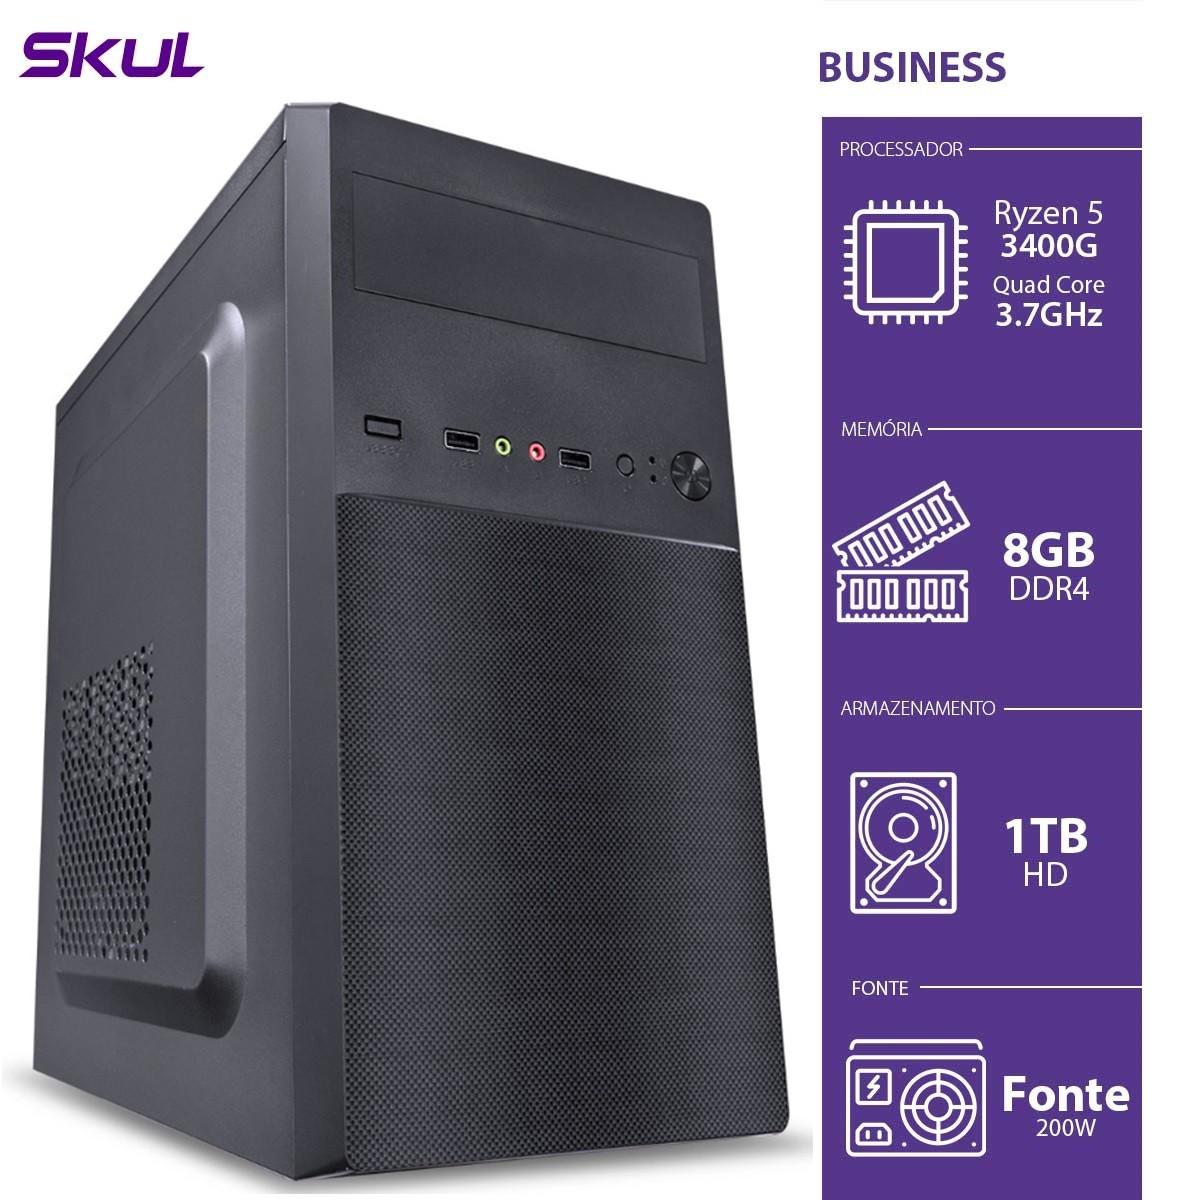 Computador Skul T-Gamer Business B500 Ryzen 5 3400G / 8GB DDR4 / HD 1TB  / HDMI/VGA / FONTE 200W